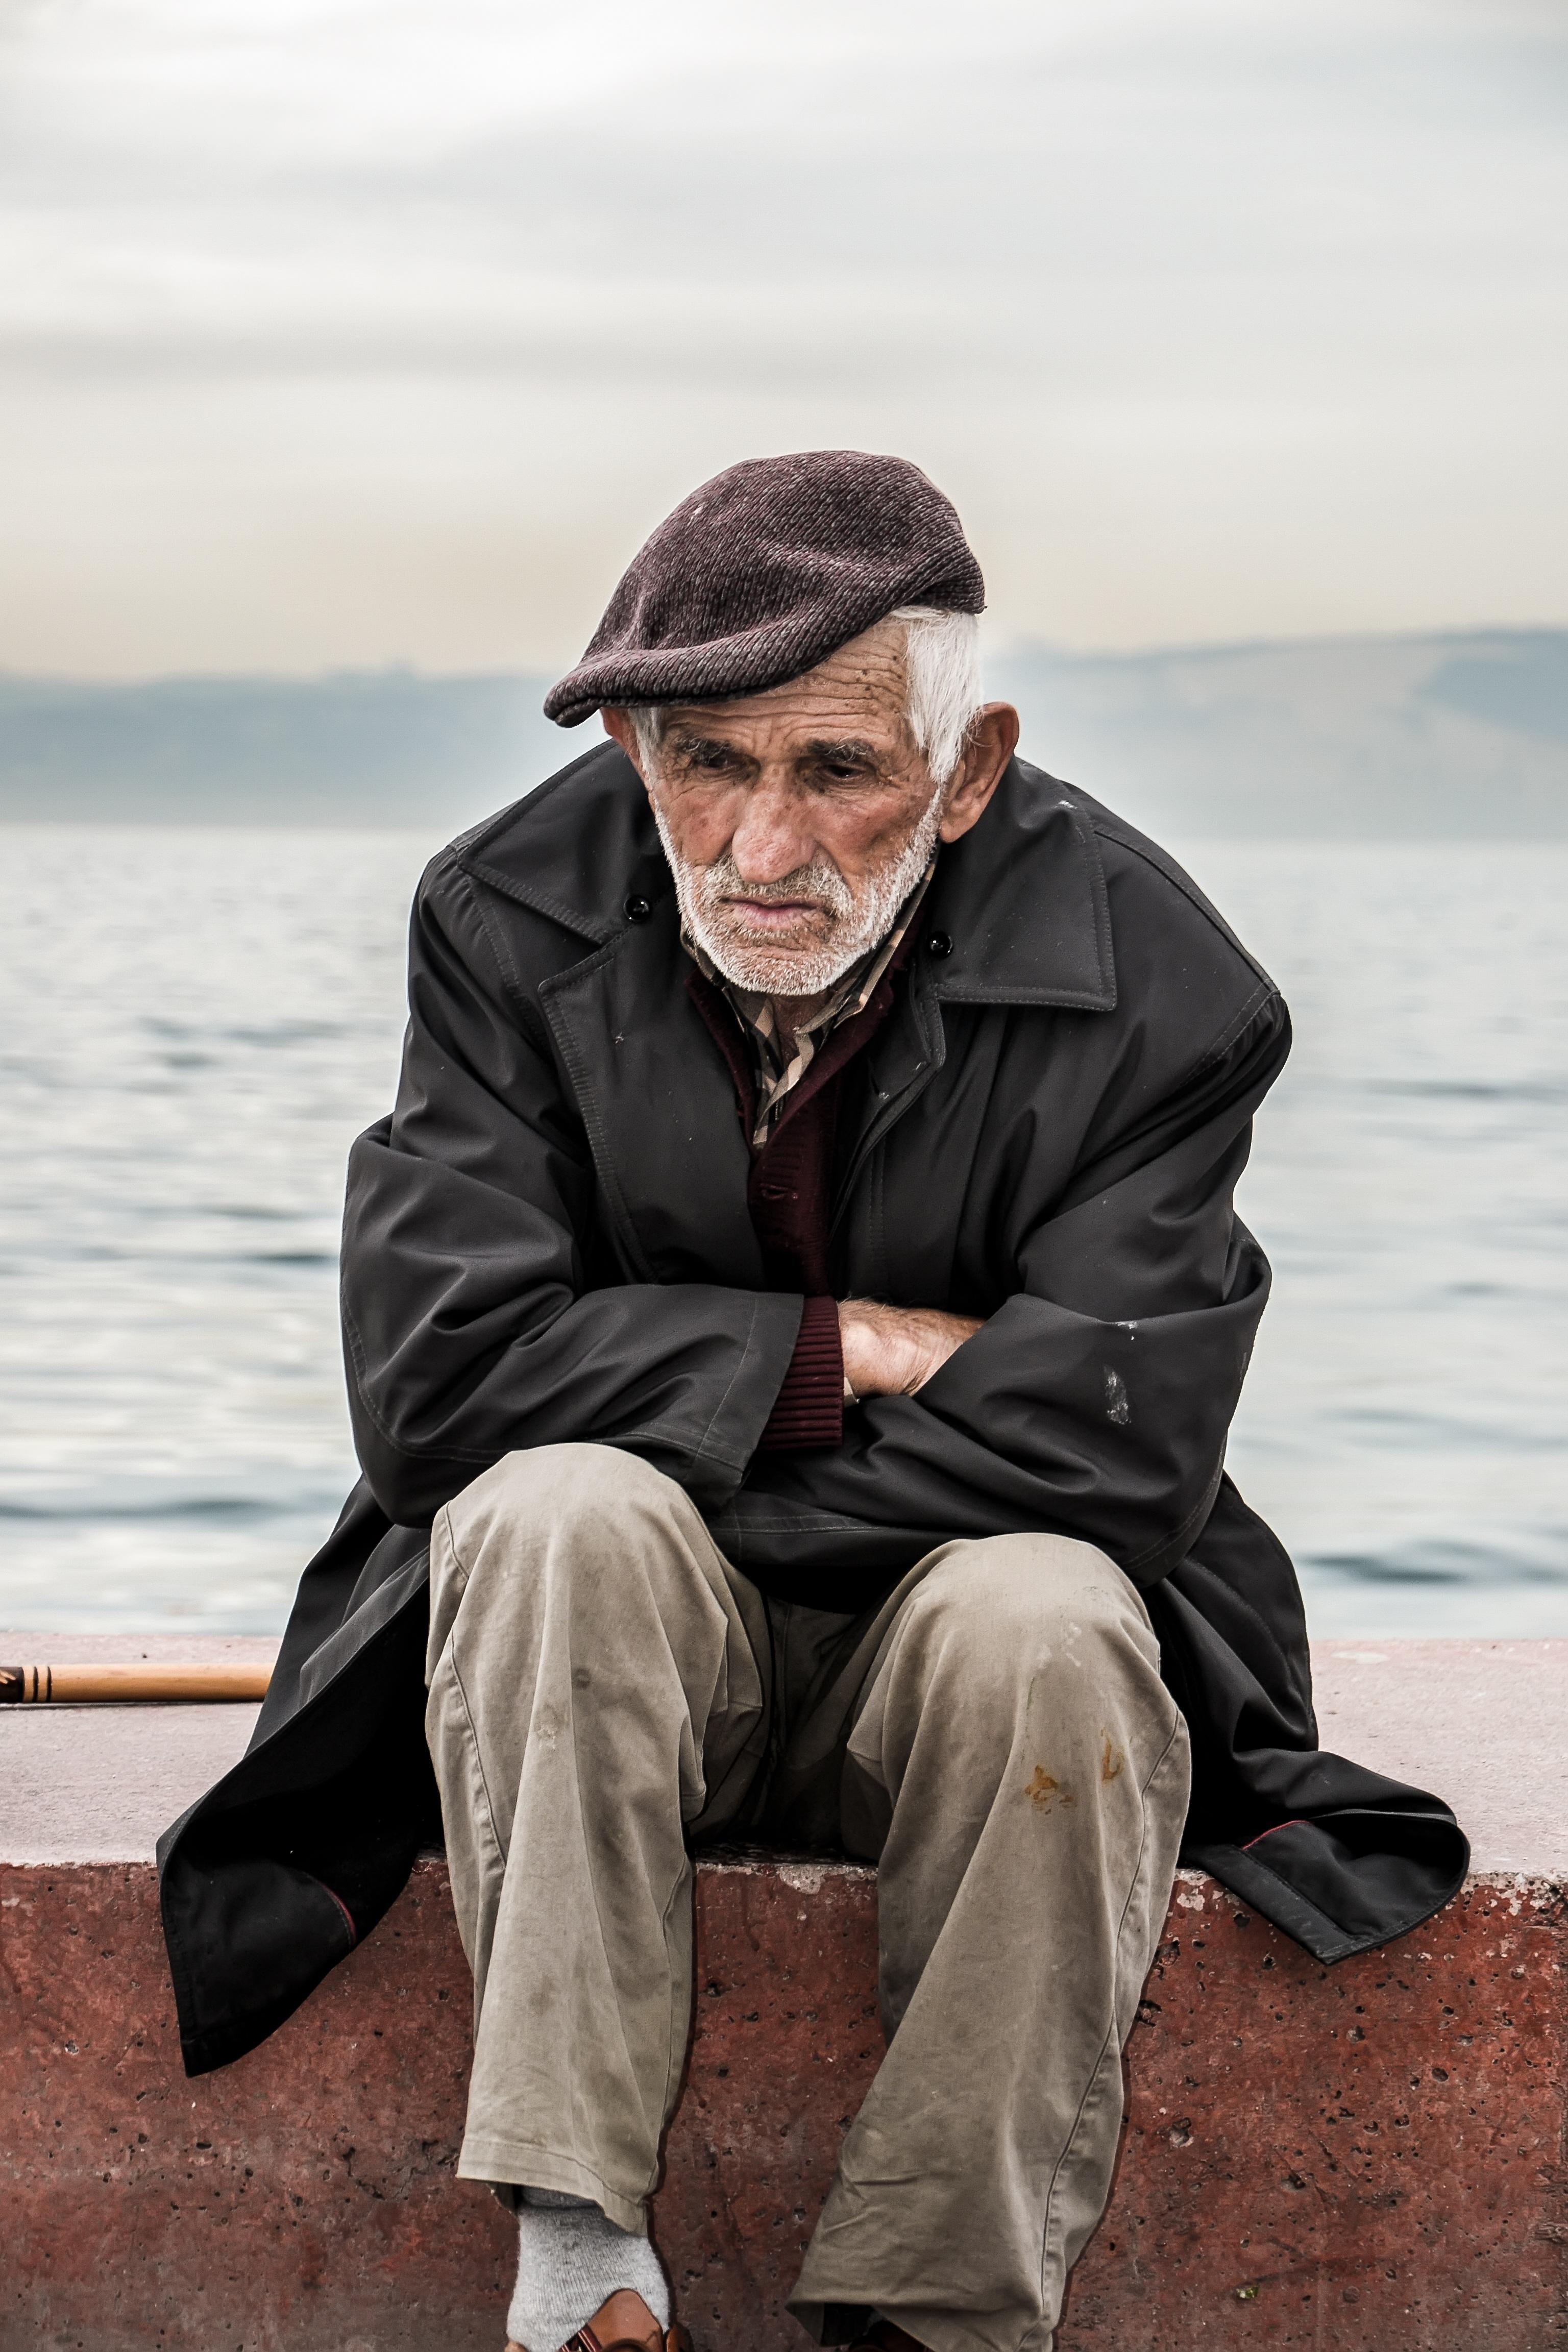 необычность это фото одиноких стариков несколько